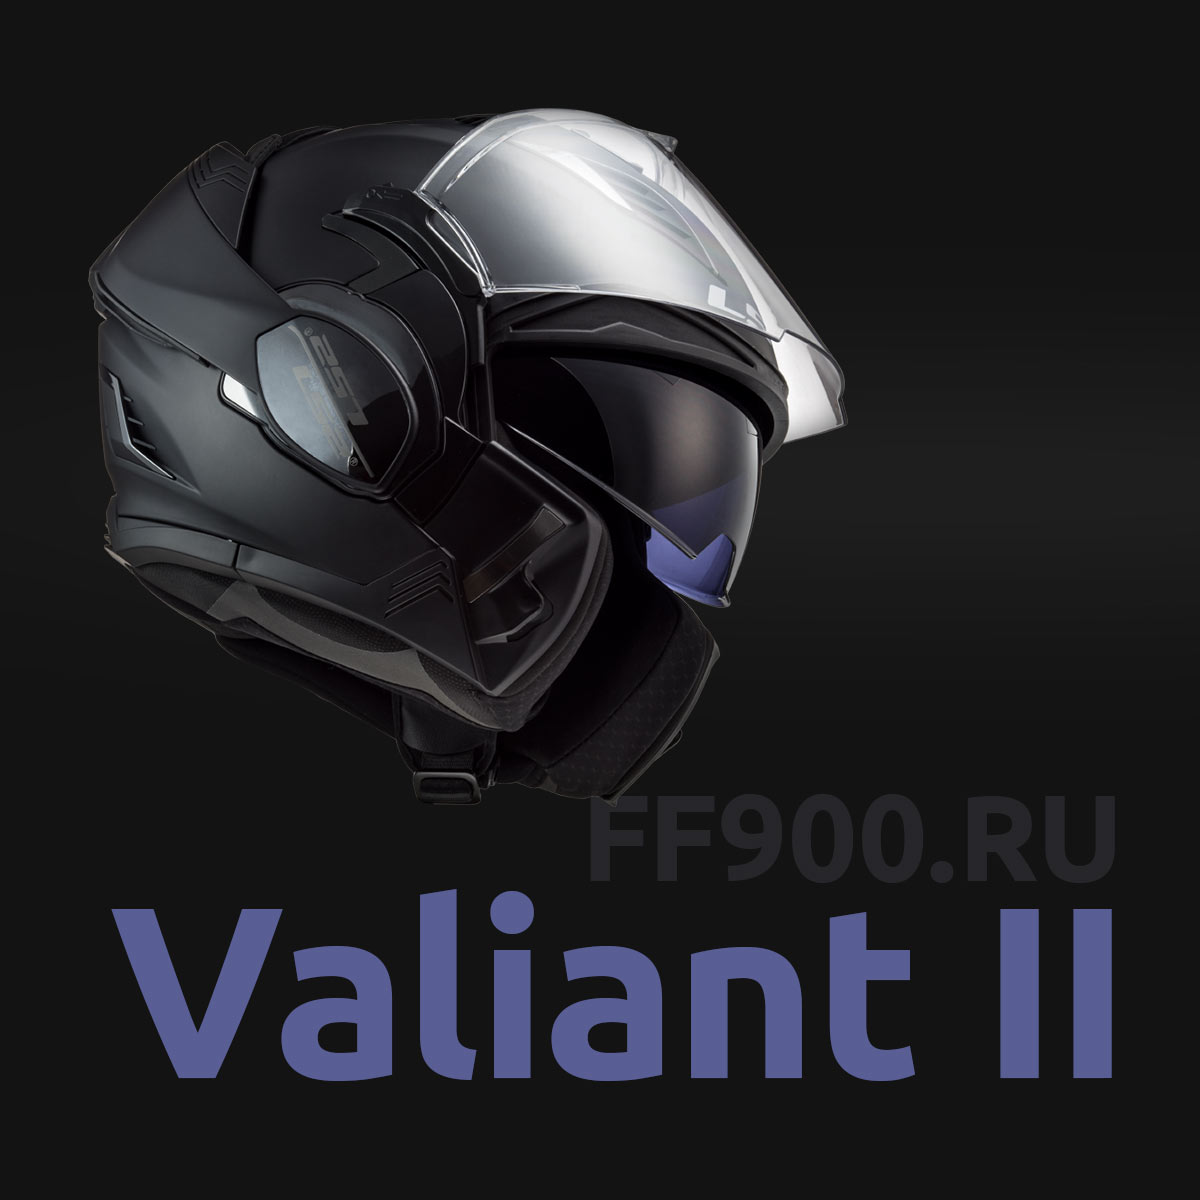 Купить шлем LS2 FF900 Valiant II